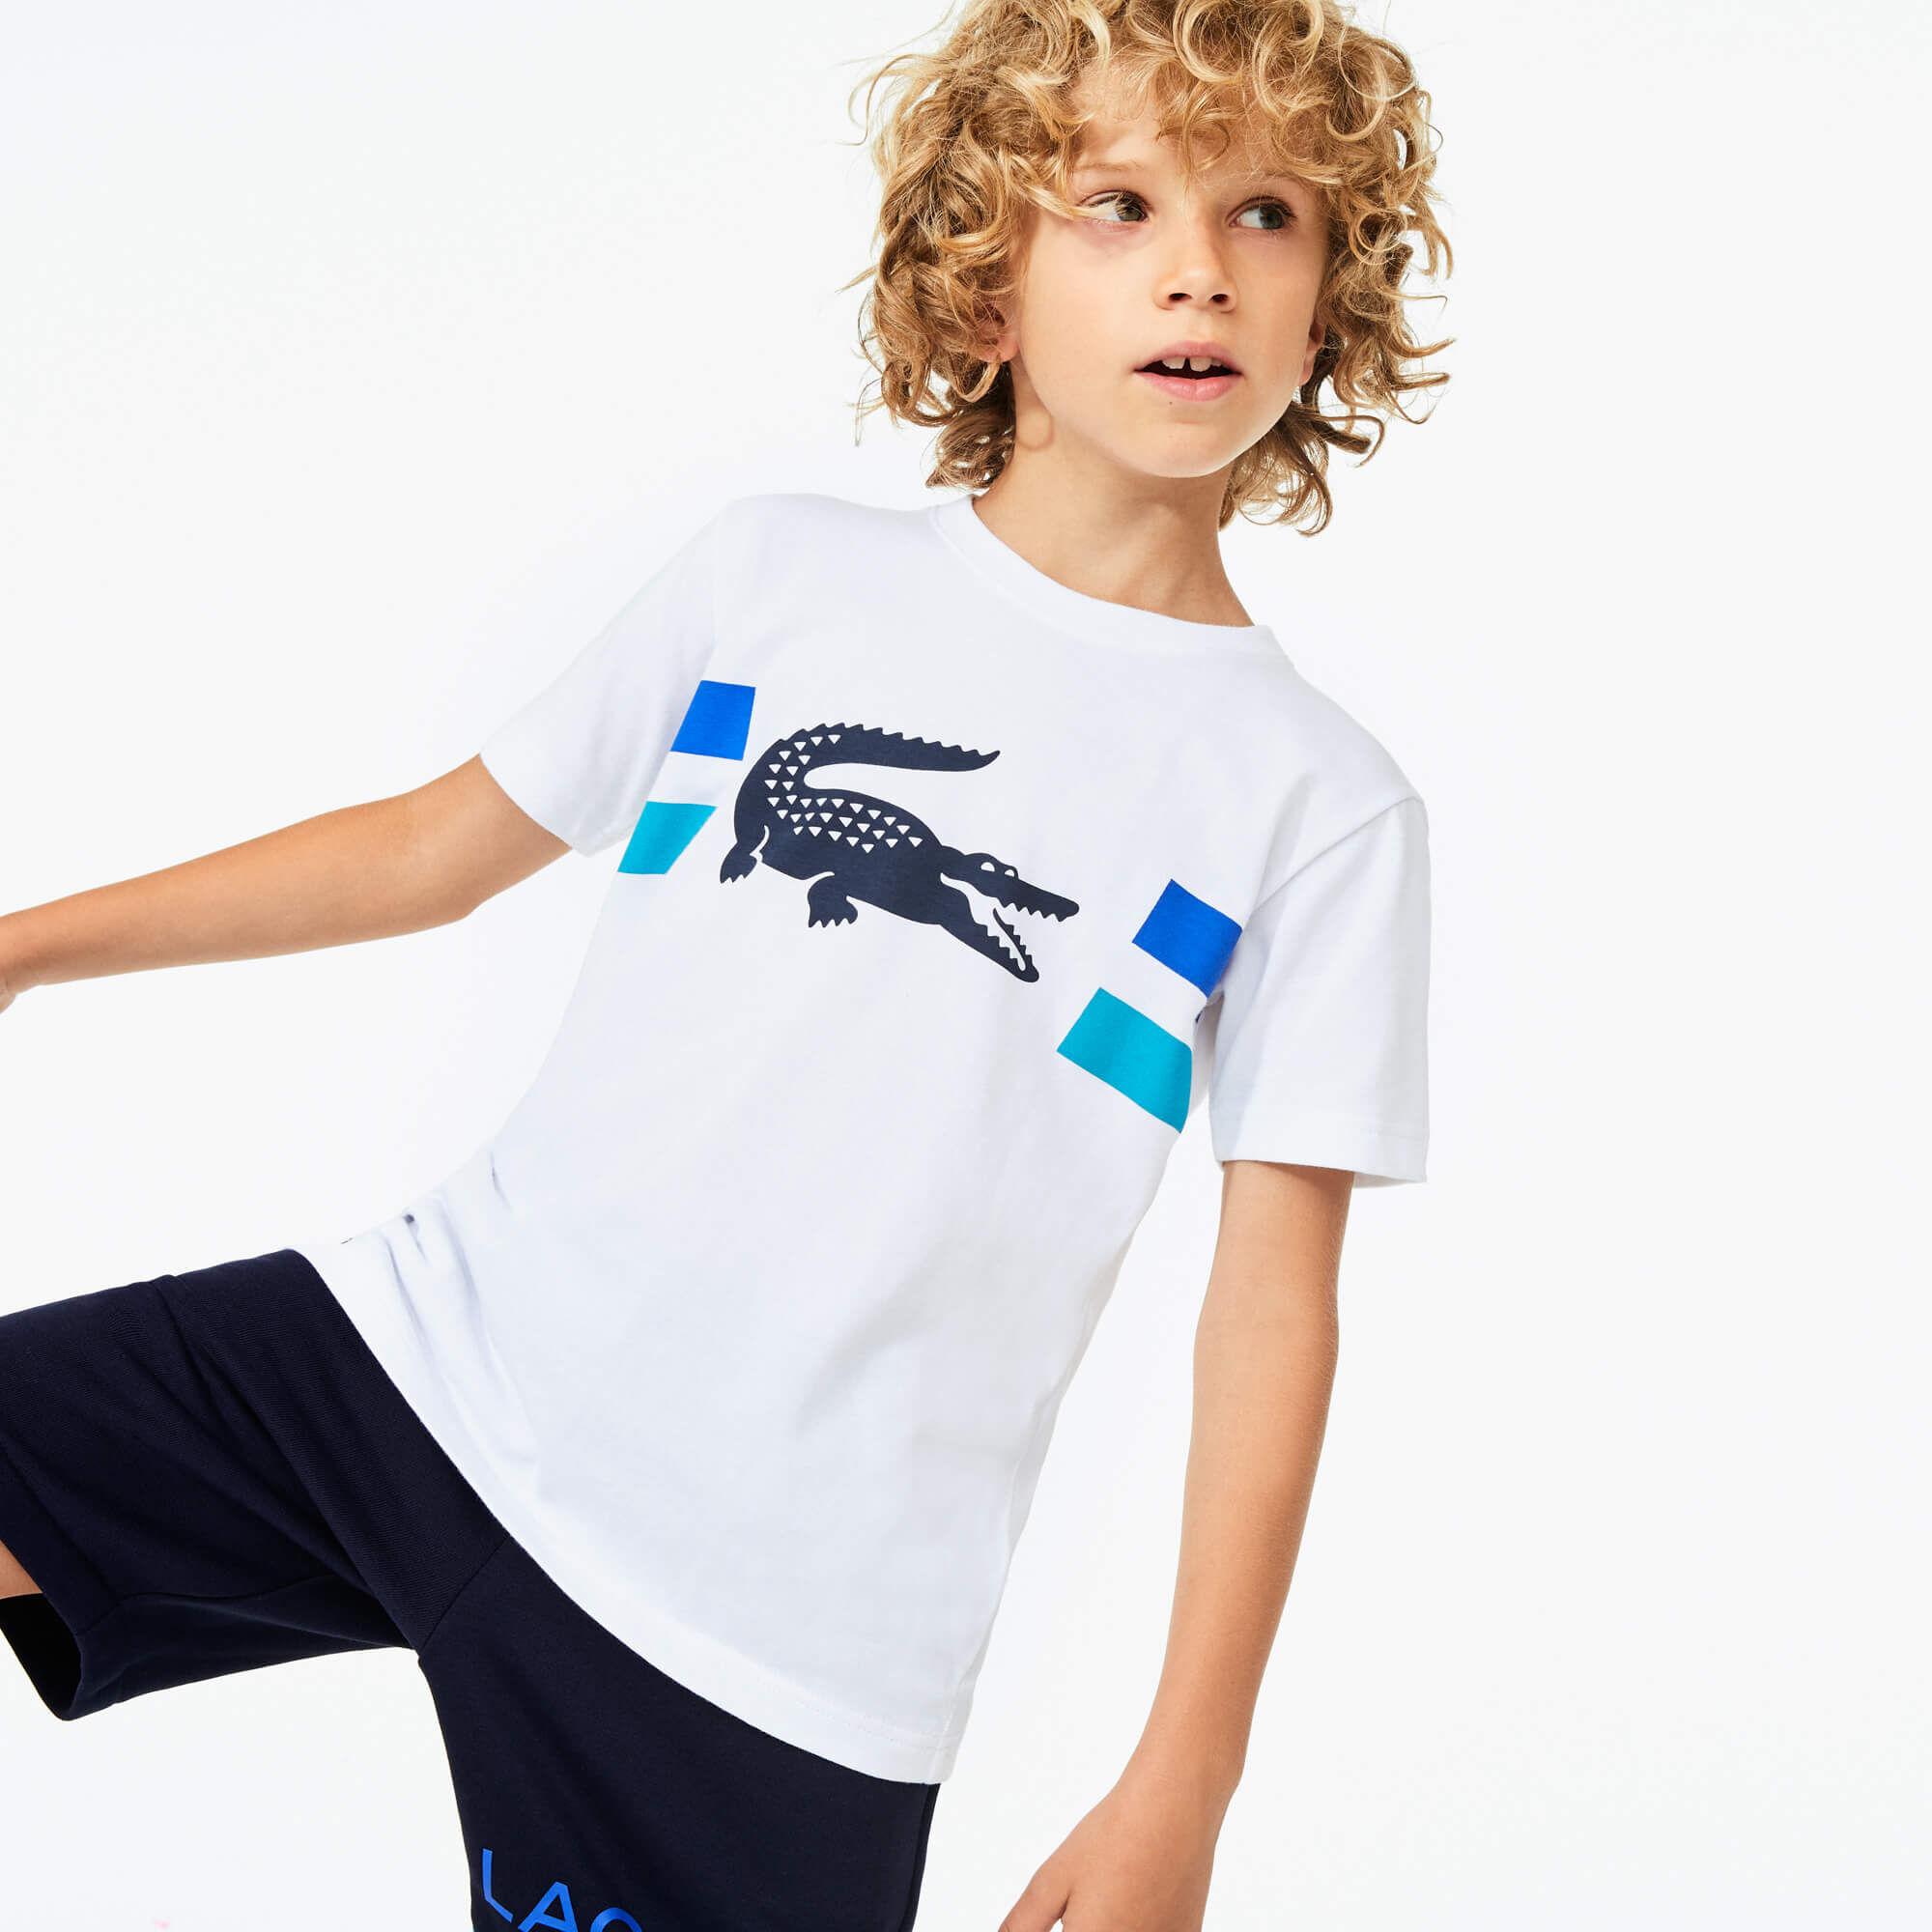 قميص تي شيرت مسامي للصبية من الجيرسي بطبعة التمساح من مجموعة Lacoste SPORT